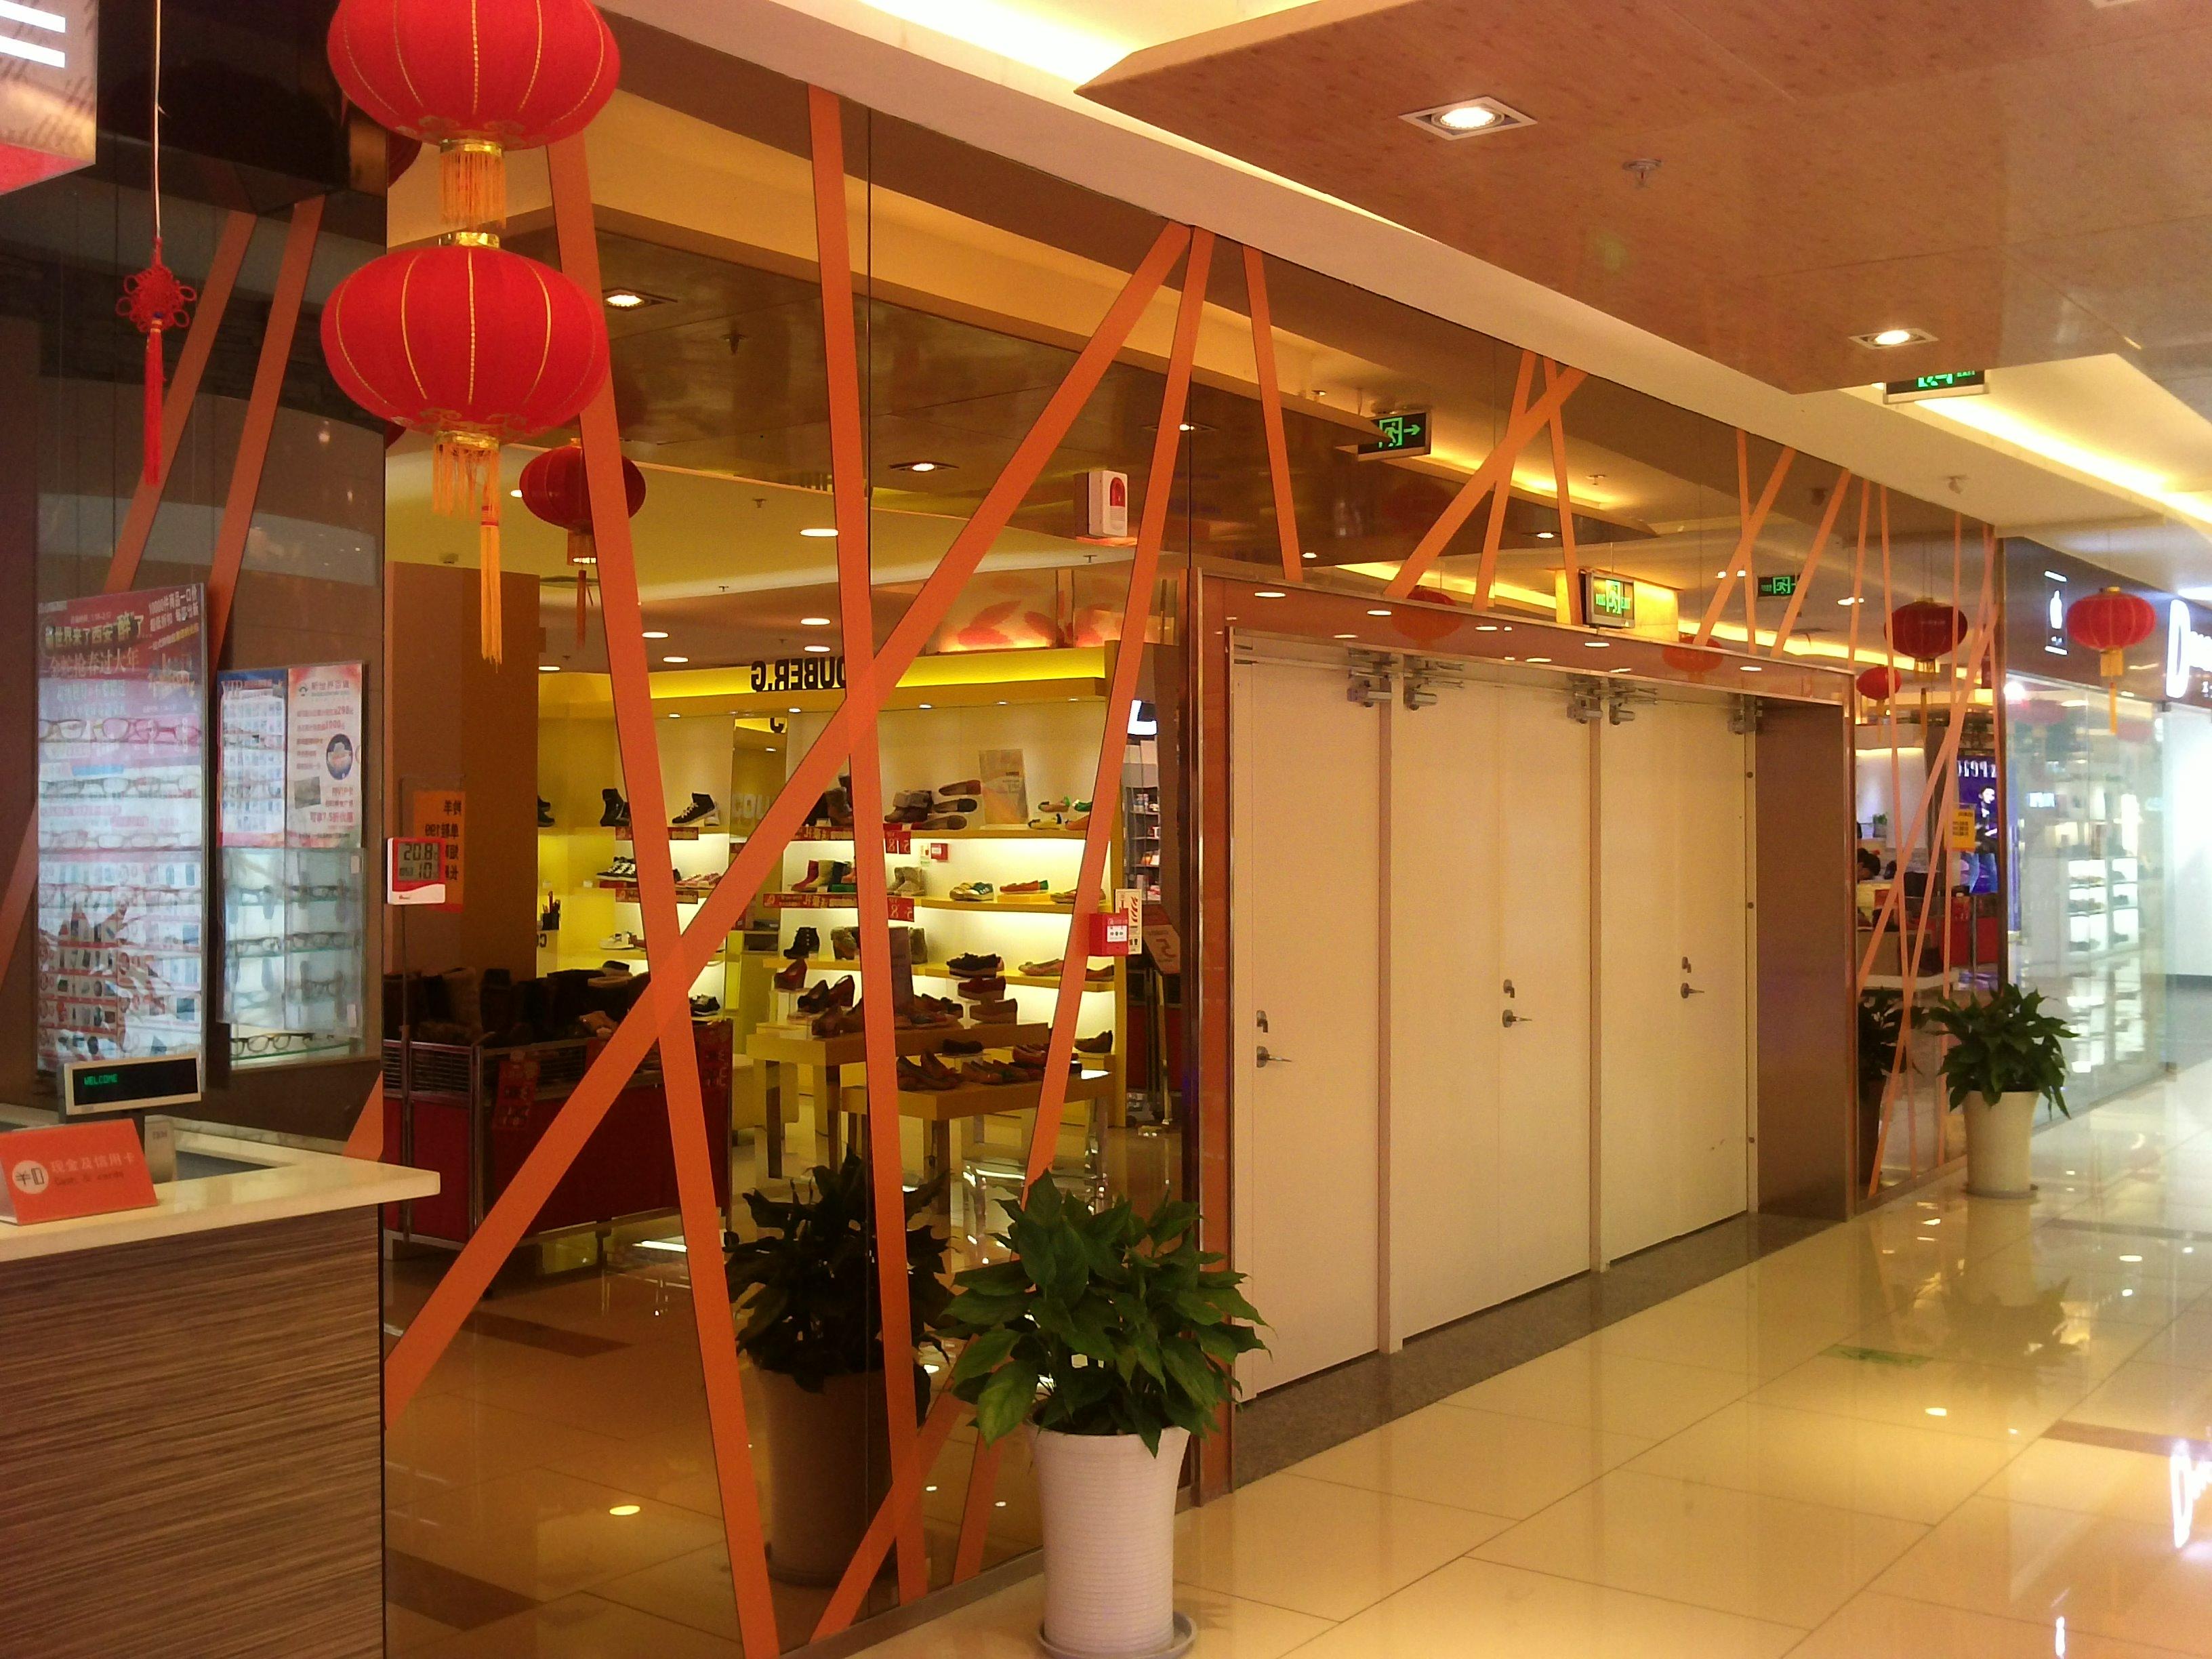 名称:西安香港新世界百货 面积1000平米 使用产品:3M黄色即时贴 目的:制作树枝网状装饰风格,使玻璃更加立体生动,提升卖场形象